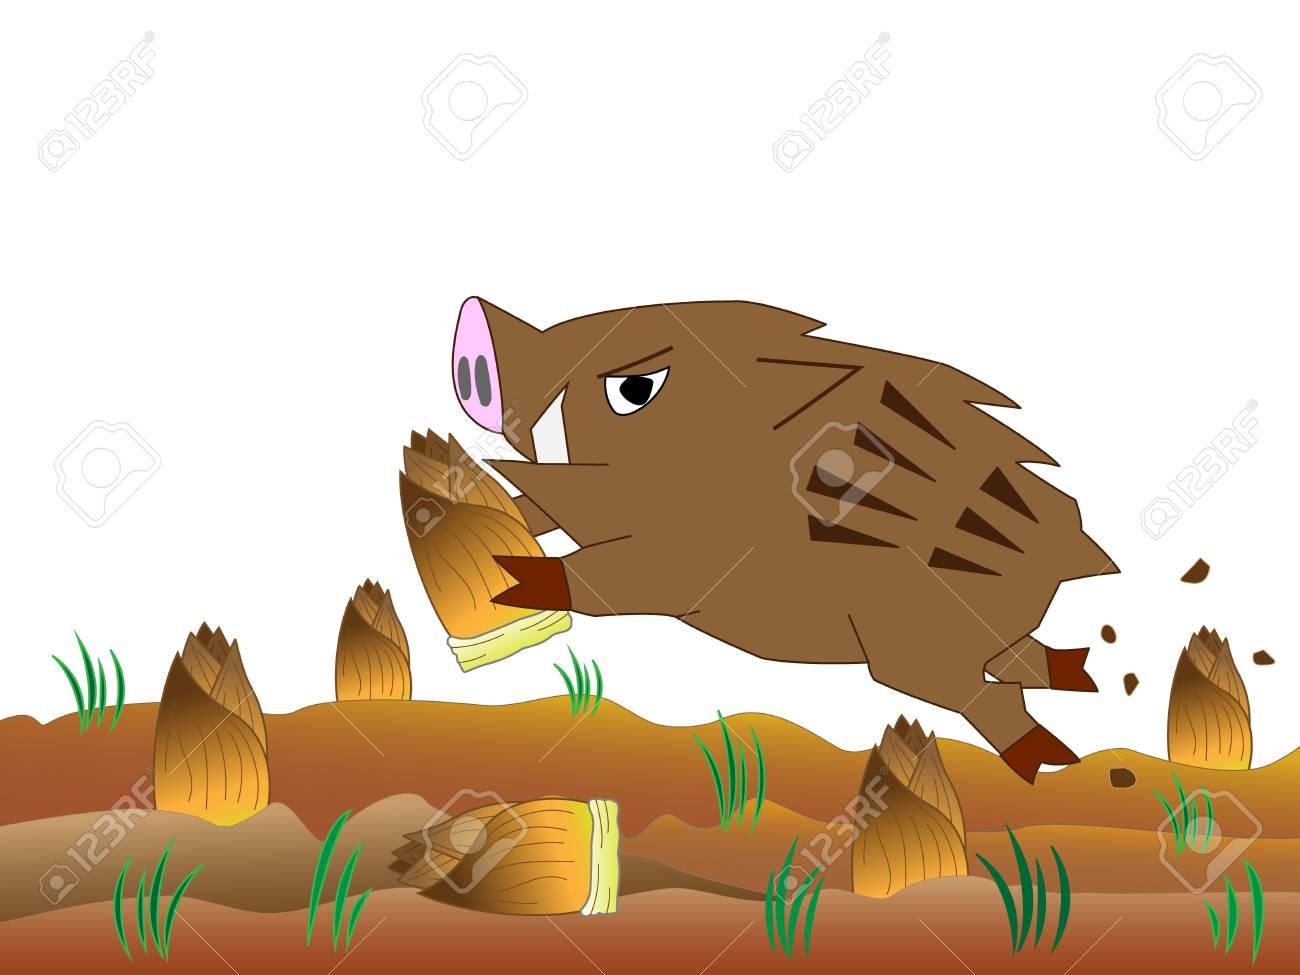 イノシシの荒廃タケノコを食べる